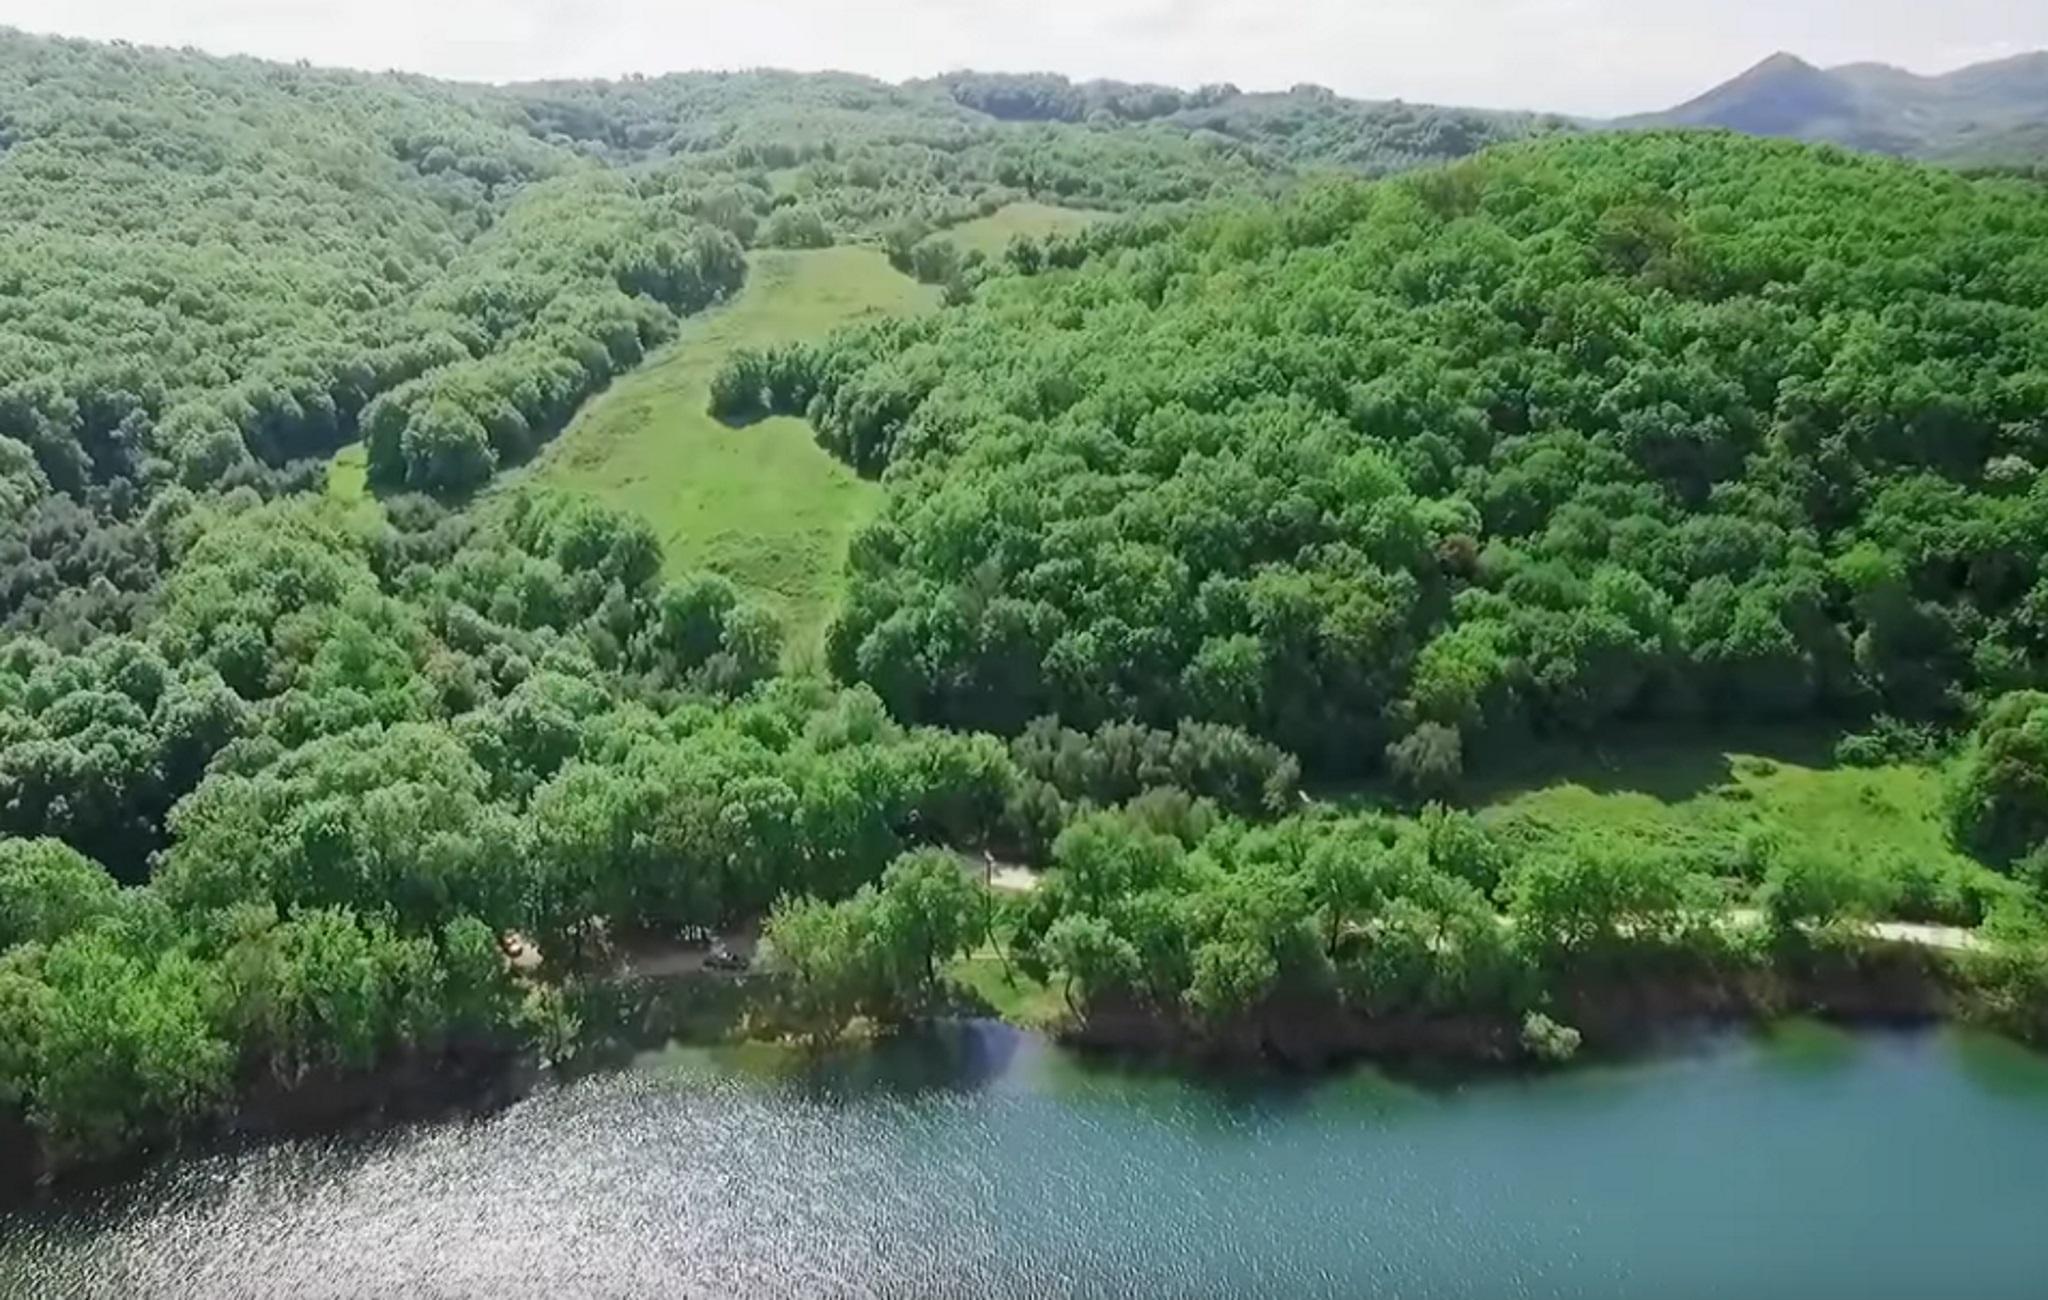 Ήπειρος: Επίγειος παράδεισος σε μπλε και πράσινο φόντο – Ταξίδι στη λίμνη Ζηρού που μαγεύει